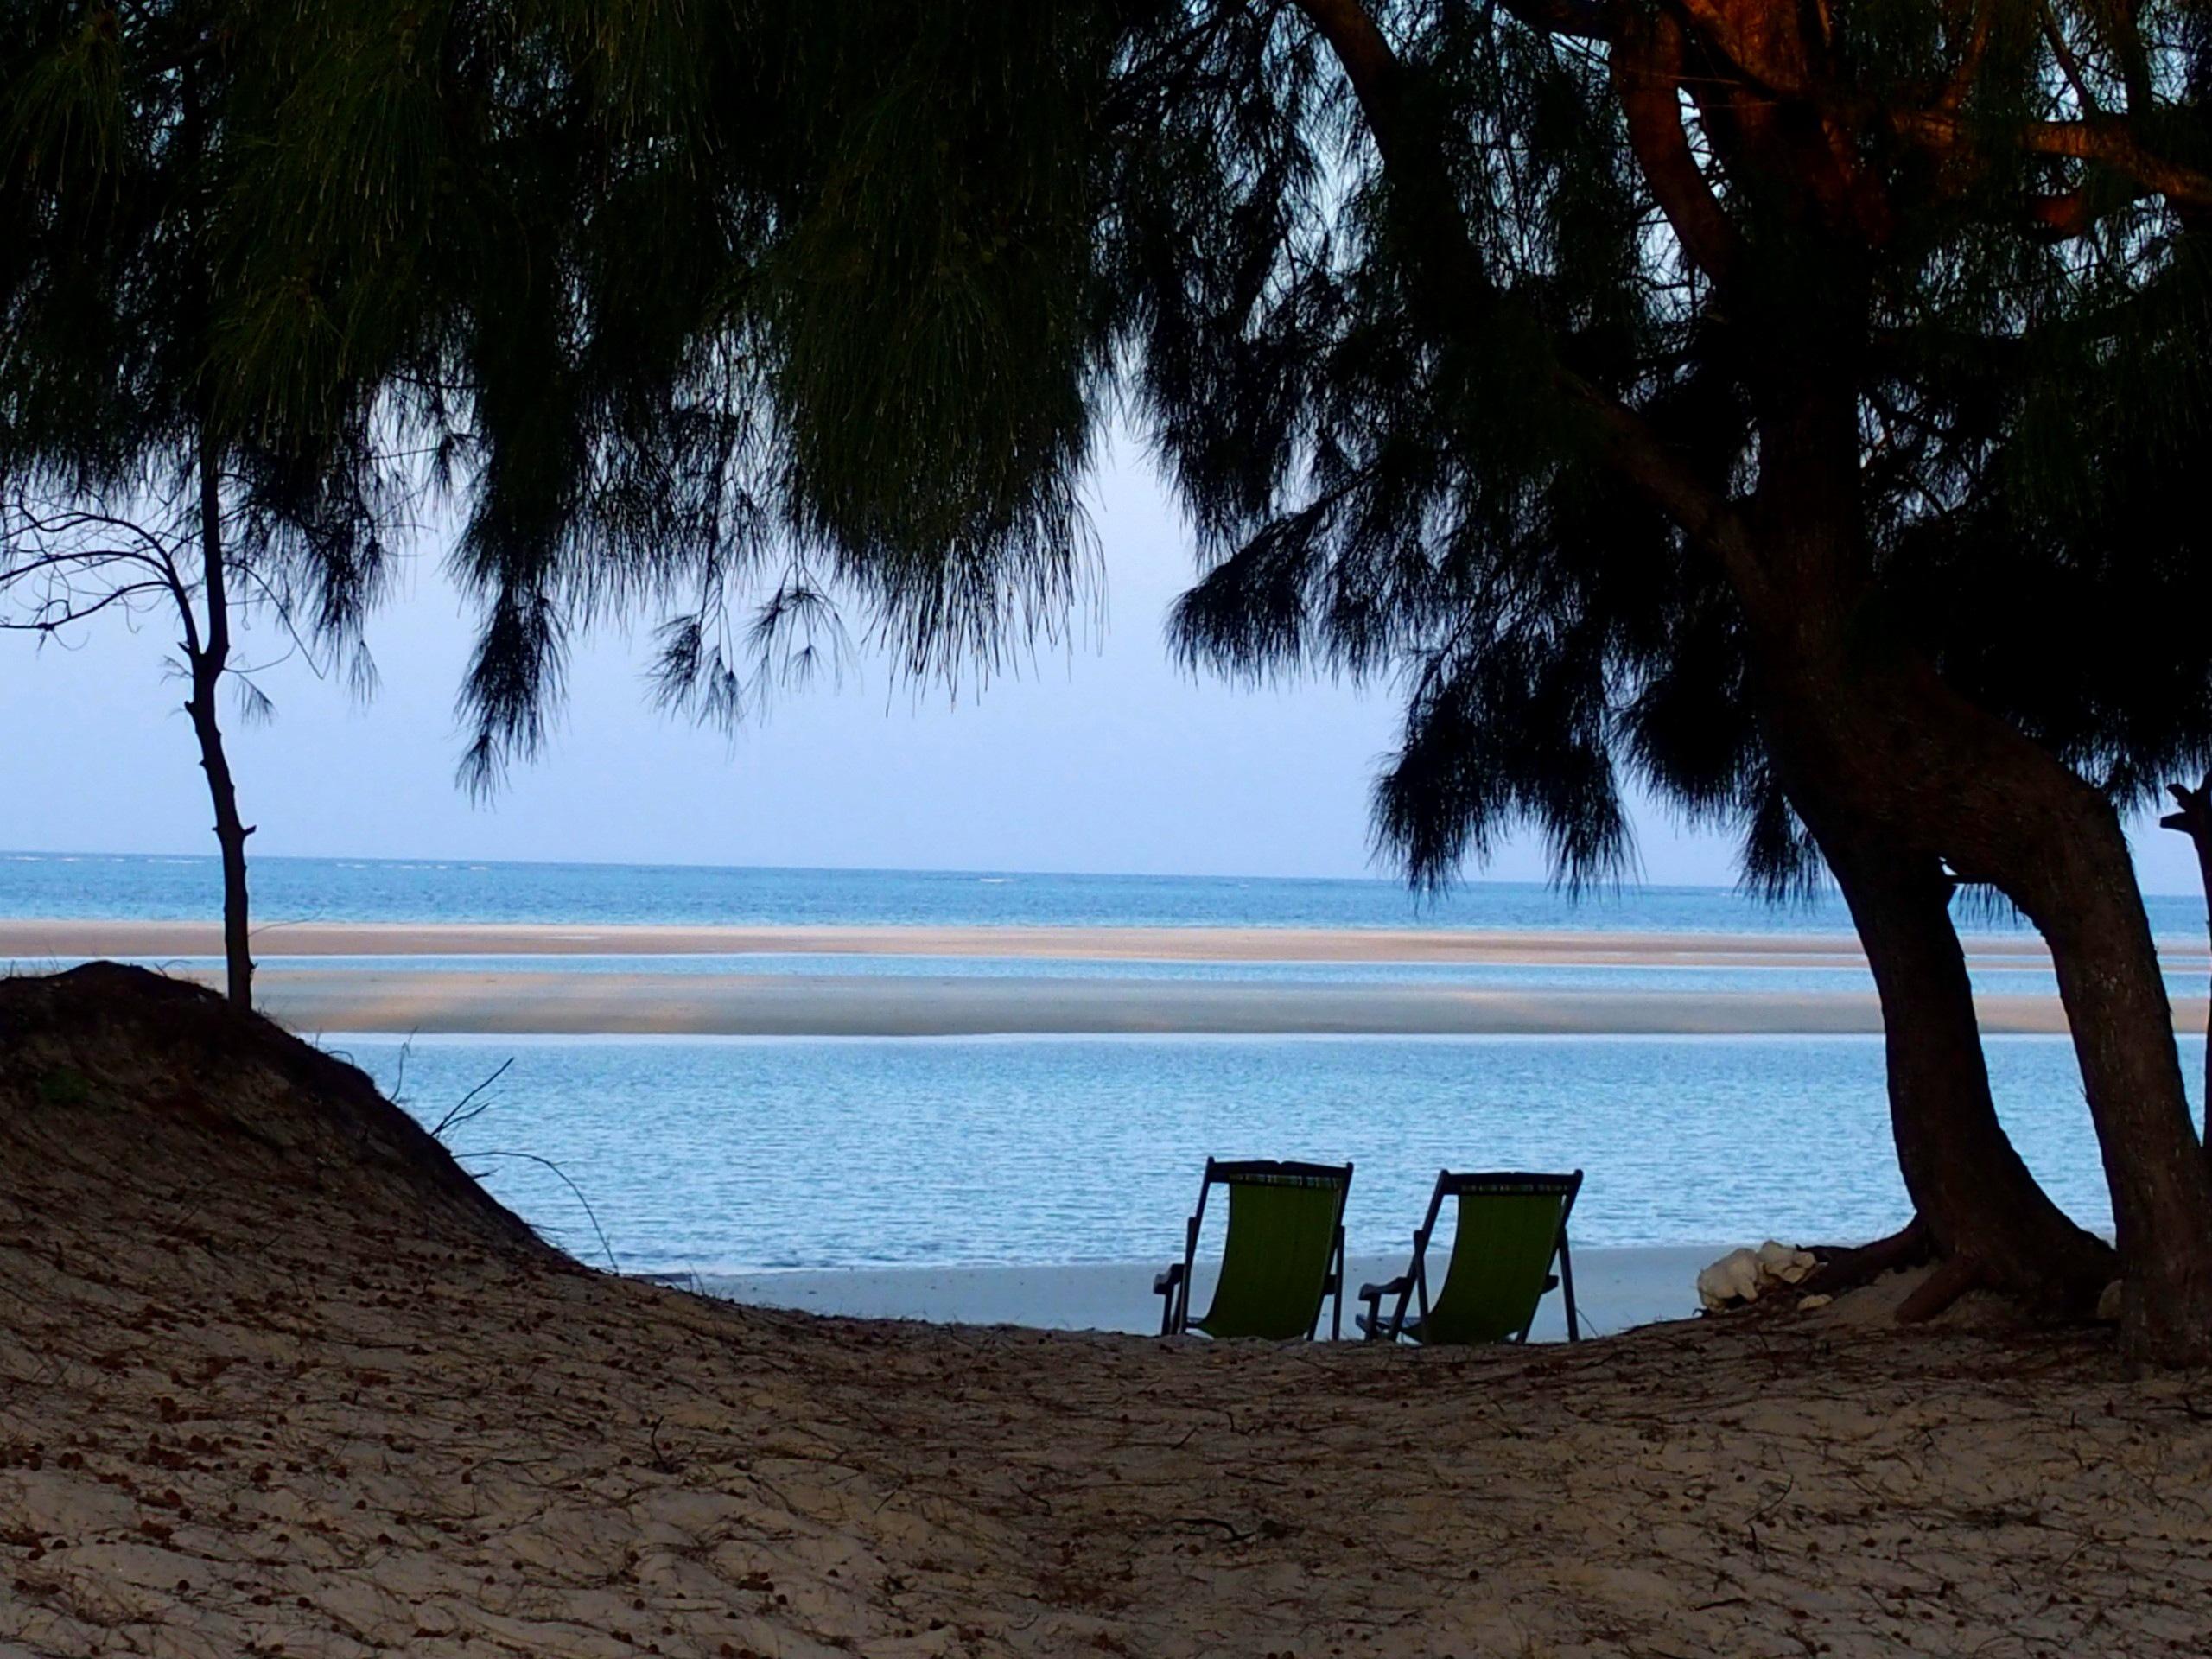 Détente au bord de la plage Ulala Lodge Pemba Mozambique.